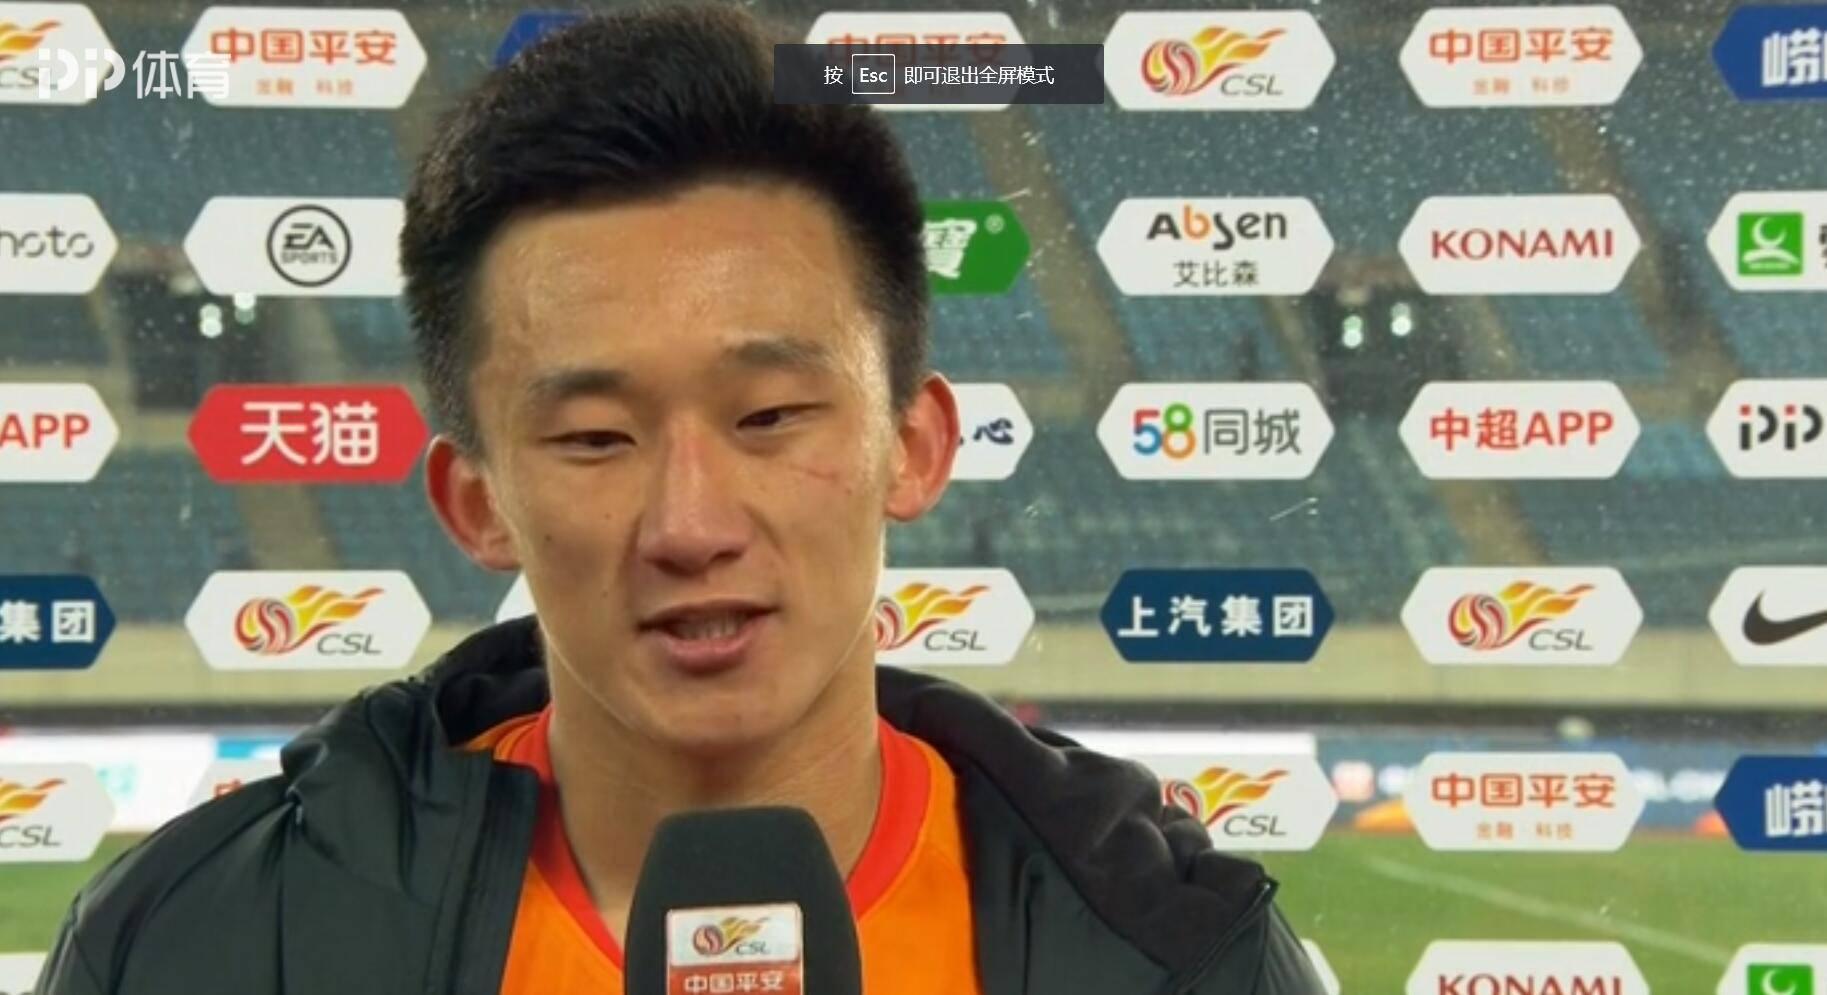 丛震:卓尔把握机会欠缺运气,感谢球迷呐喊,希望下场有好结果